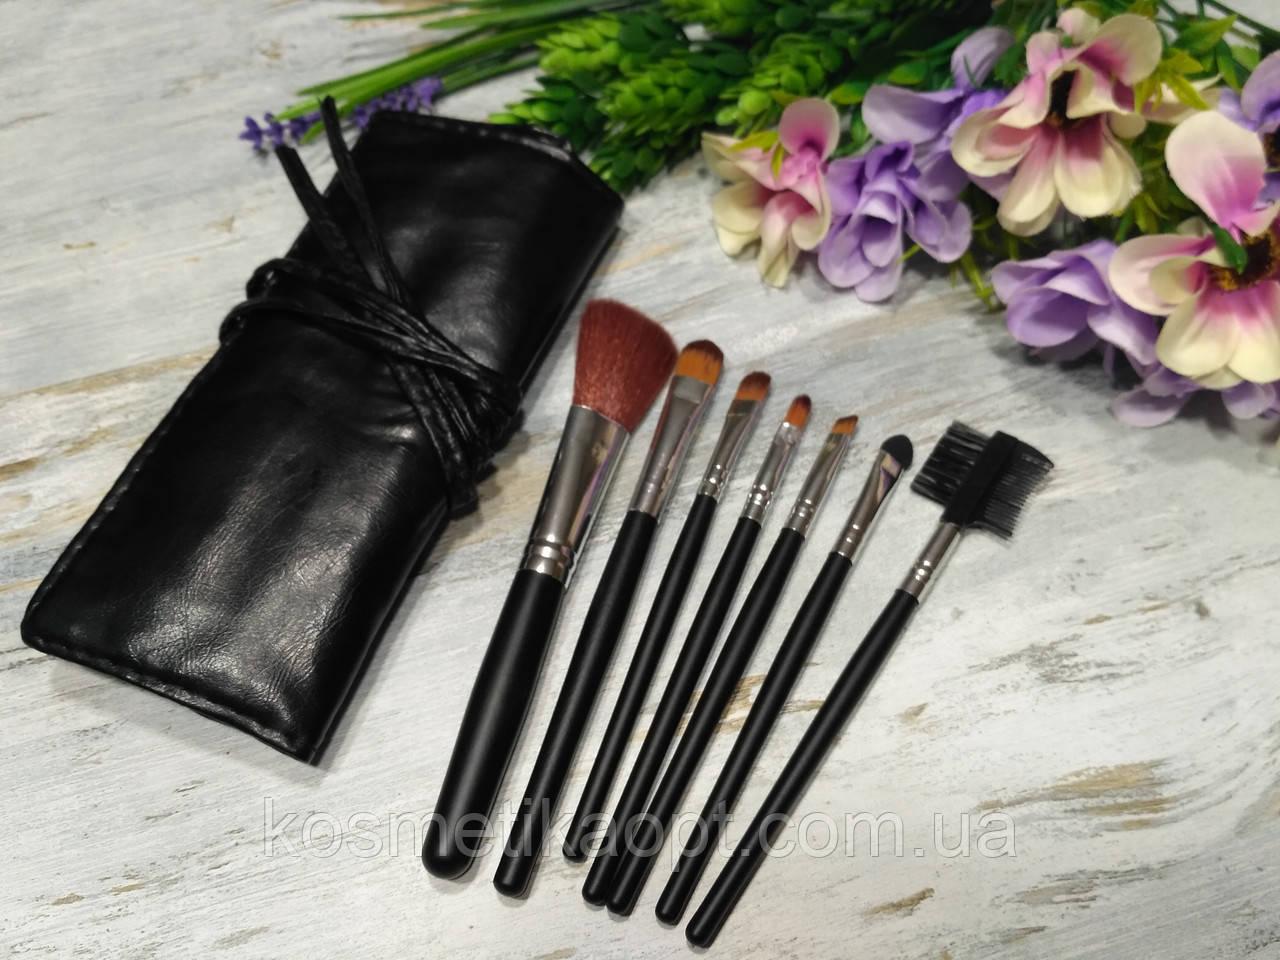 Кисти для макияжа 7 штук в чехле (ЧЕРНЫЕ)